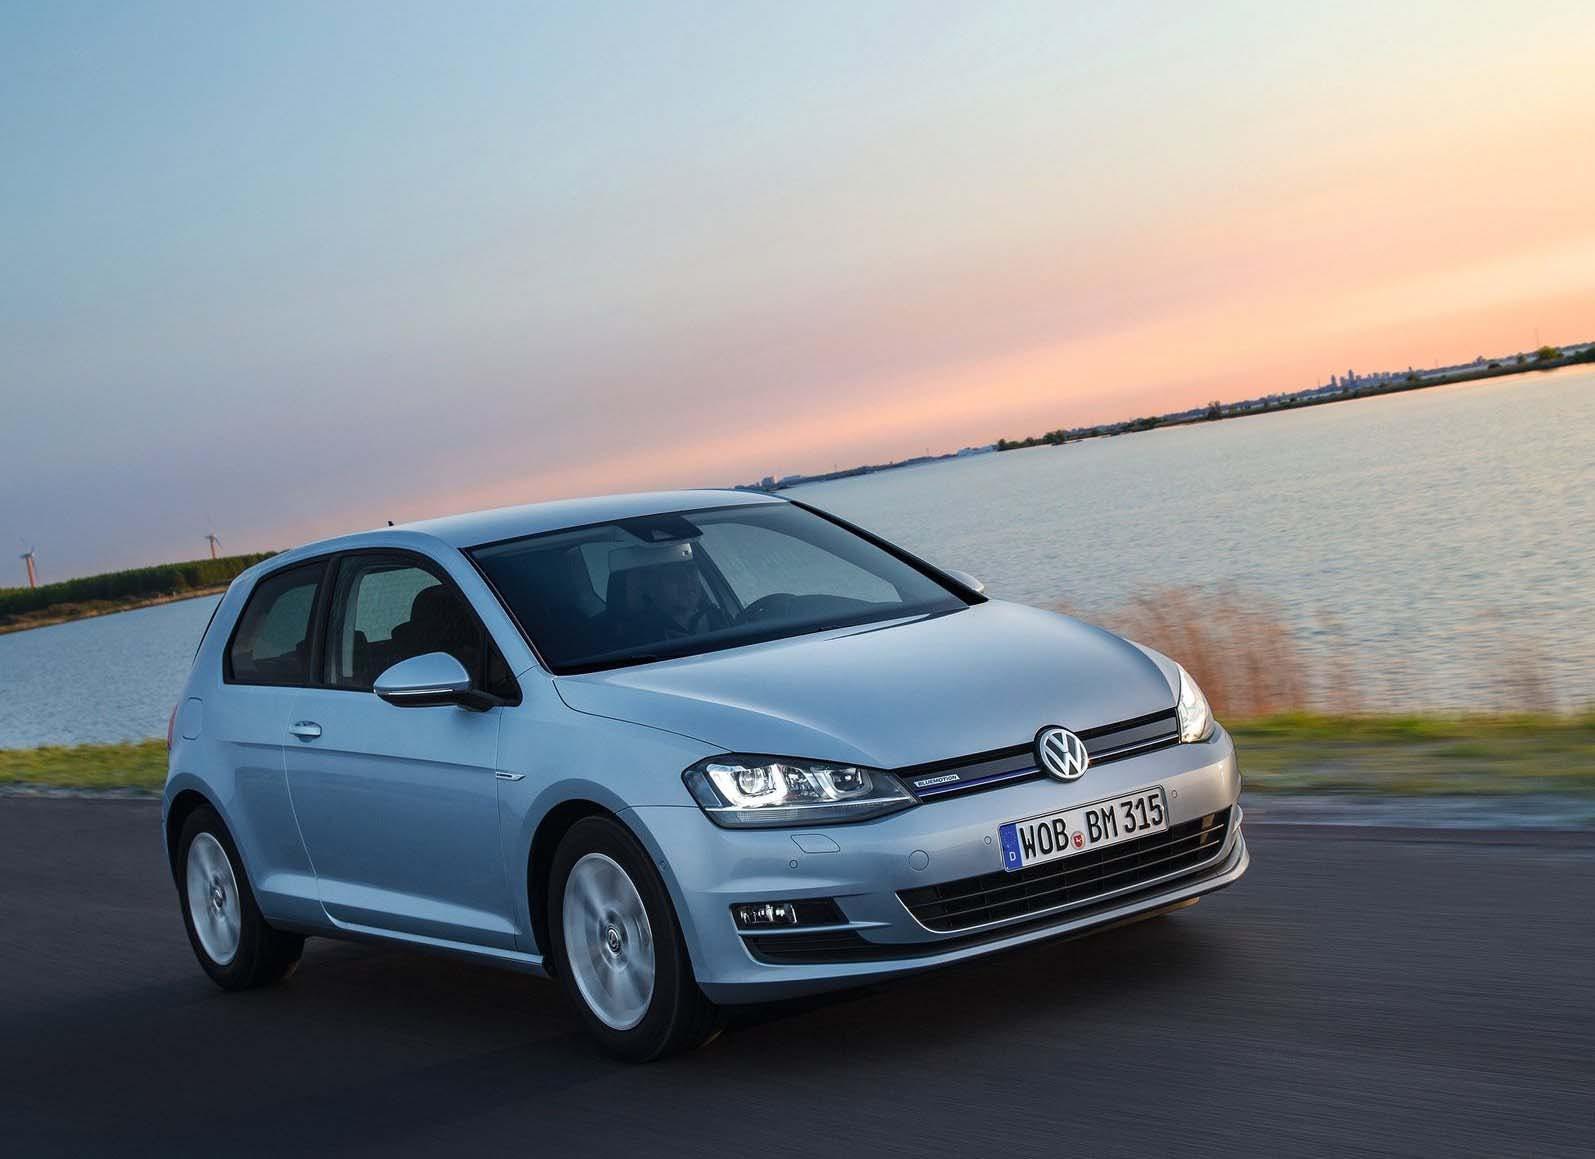 Najbolj priljubljeni avtomobili v Sloveniji v letu 2020